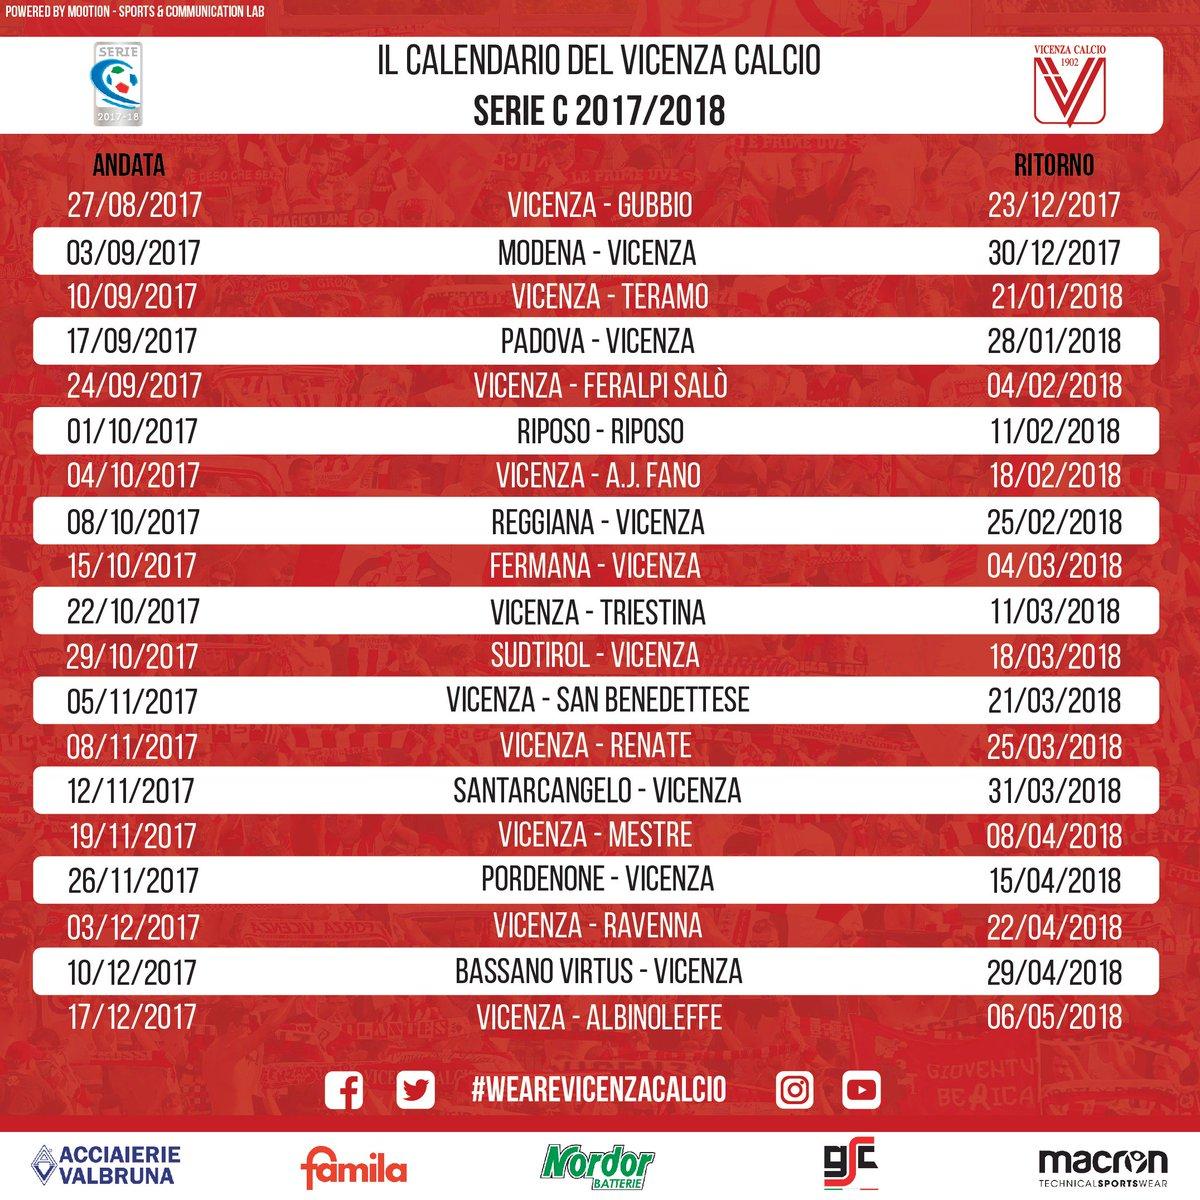 Calendario Vicenza.L R Vicenza Virtus On Twitter Il Calendario Di Seriec